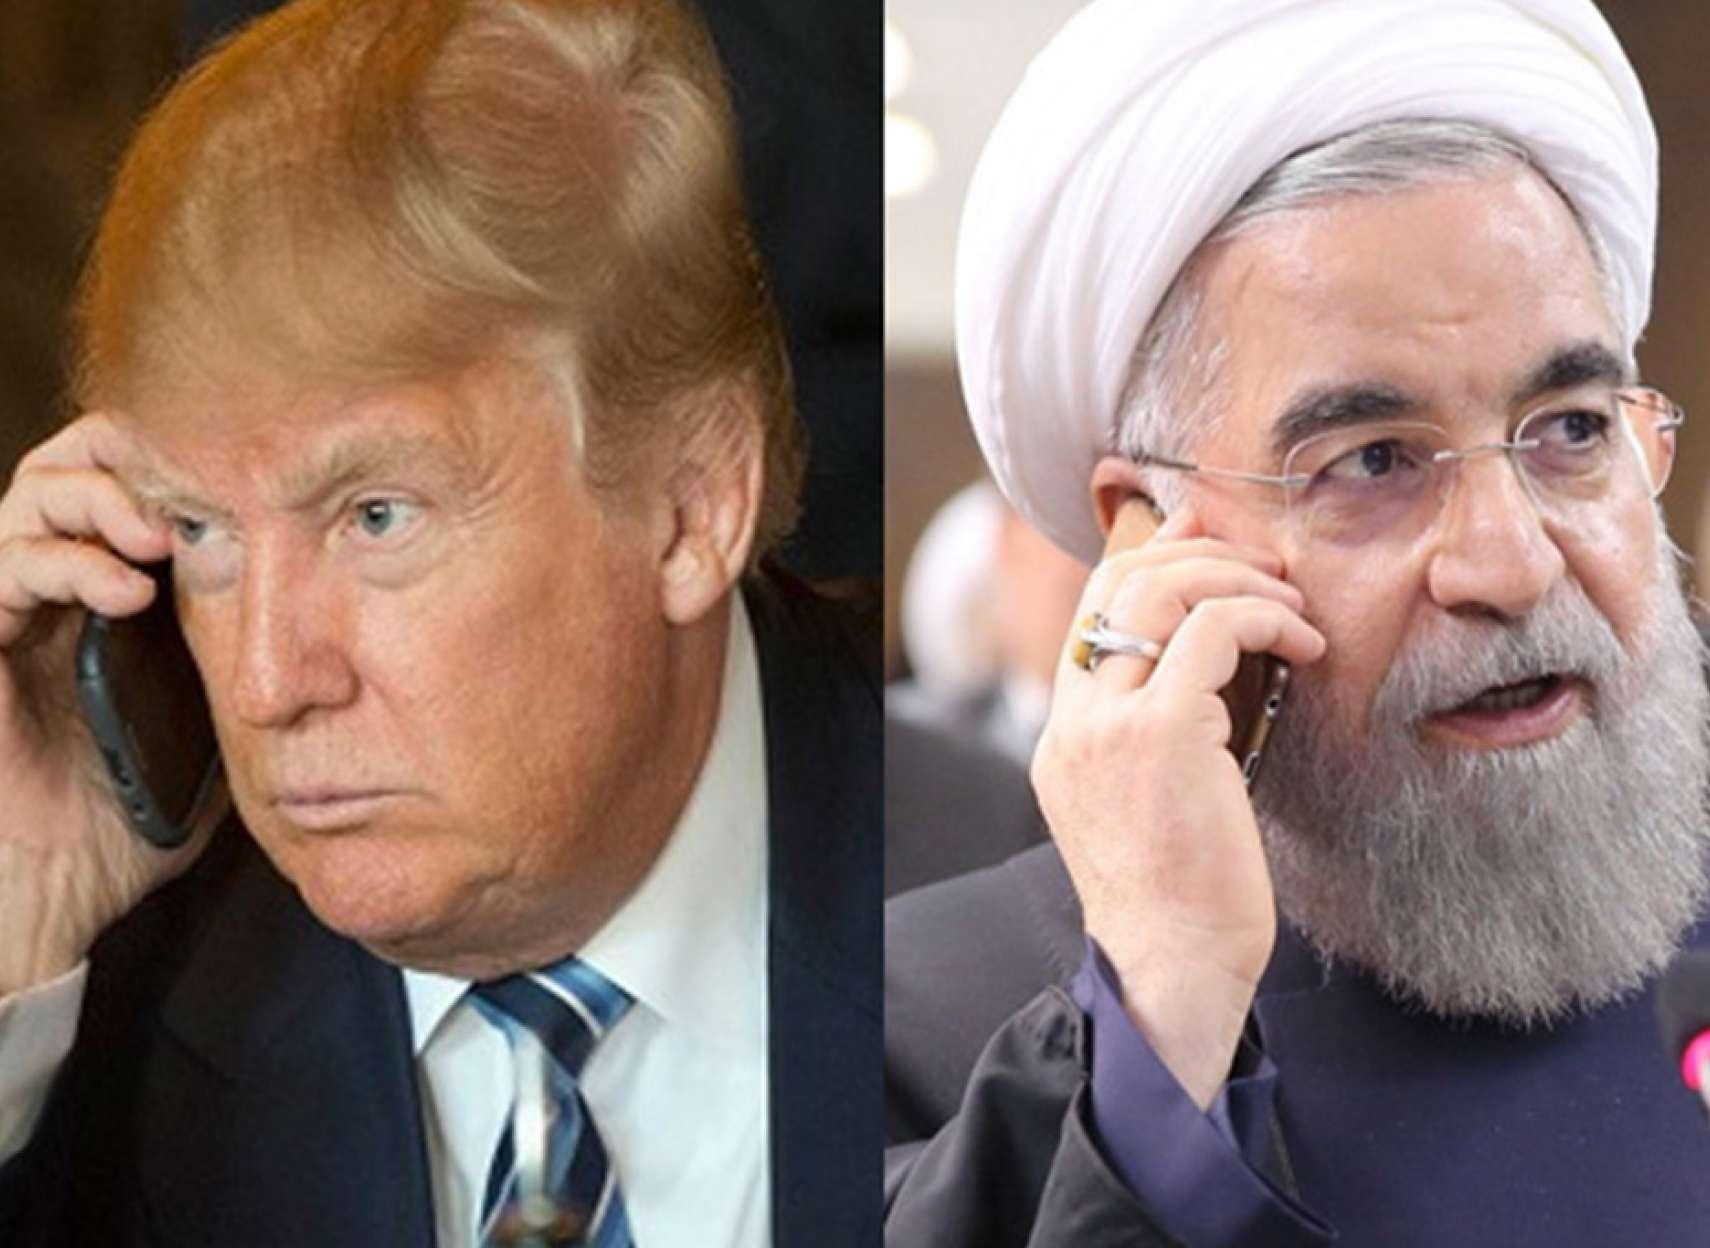 اقتصاد-تنباکویی-مذاکره-ترامپ-با-روحانی-به-معنای-نرم-شدن-آمریکا-نیست